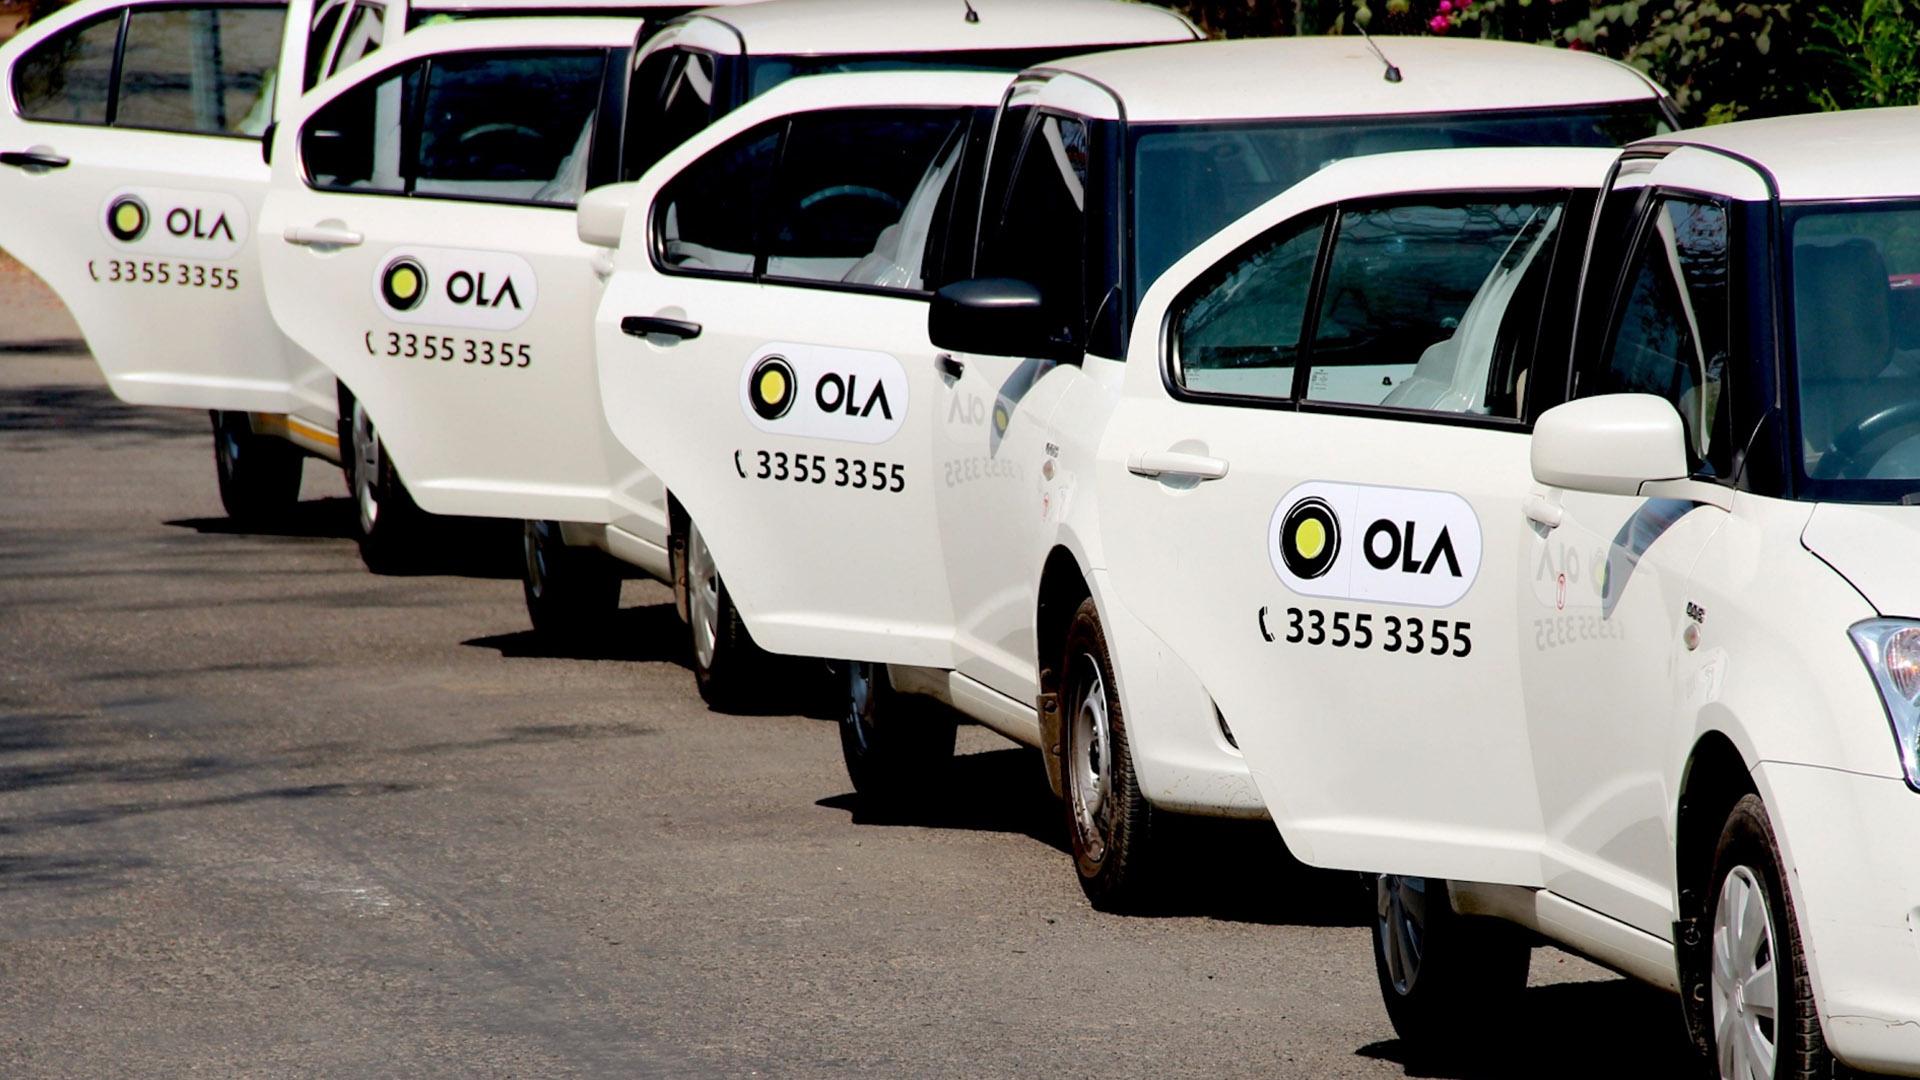 Транспортный департамент проводит рейды в офисах Ola и Uber в Бангалоре